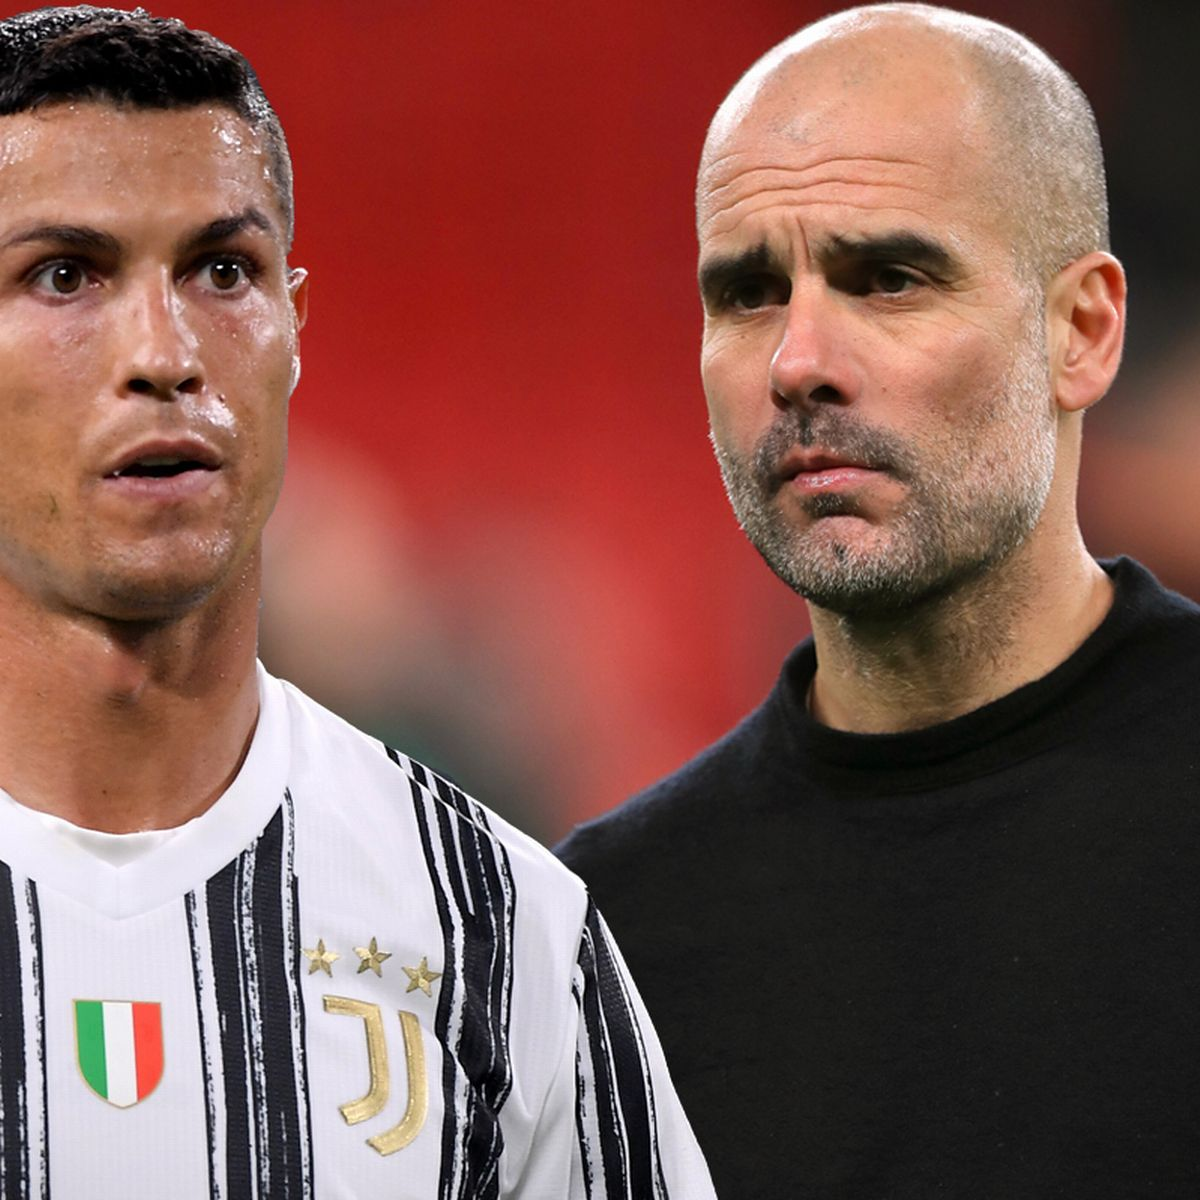 CR7 é eleito o Jogador do Século e Pep Guardiola o Treinador